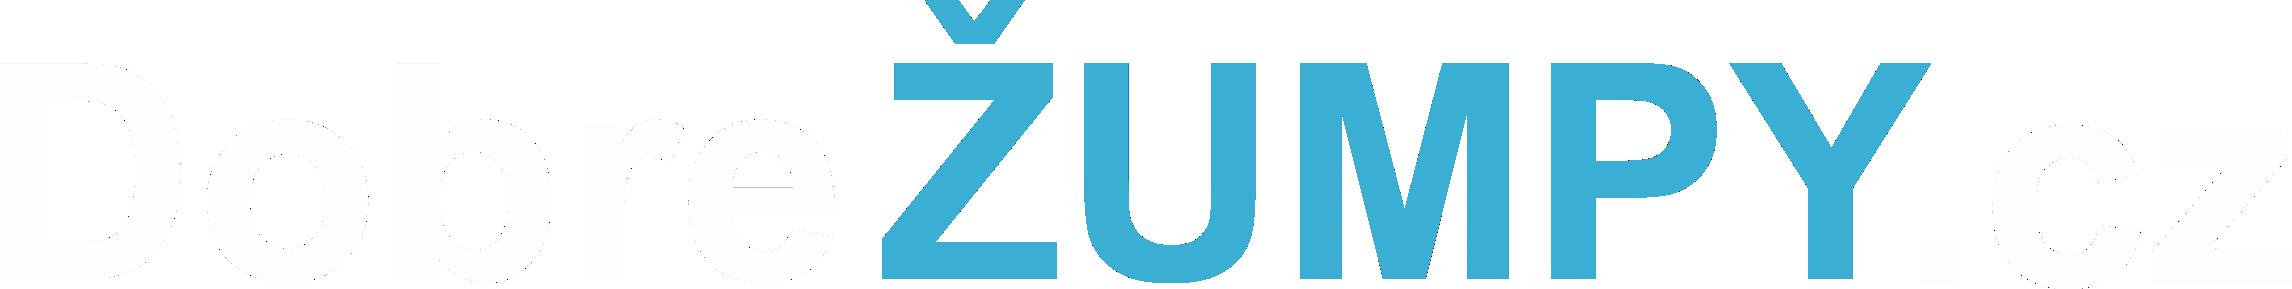 Dobrezumpy.cz